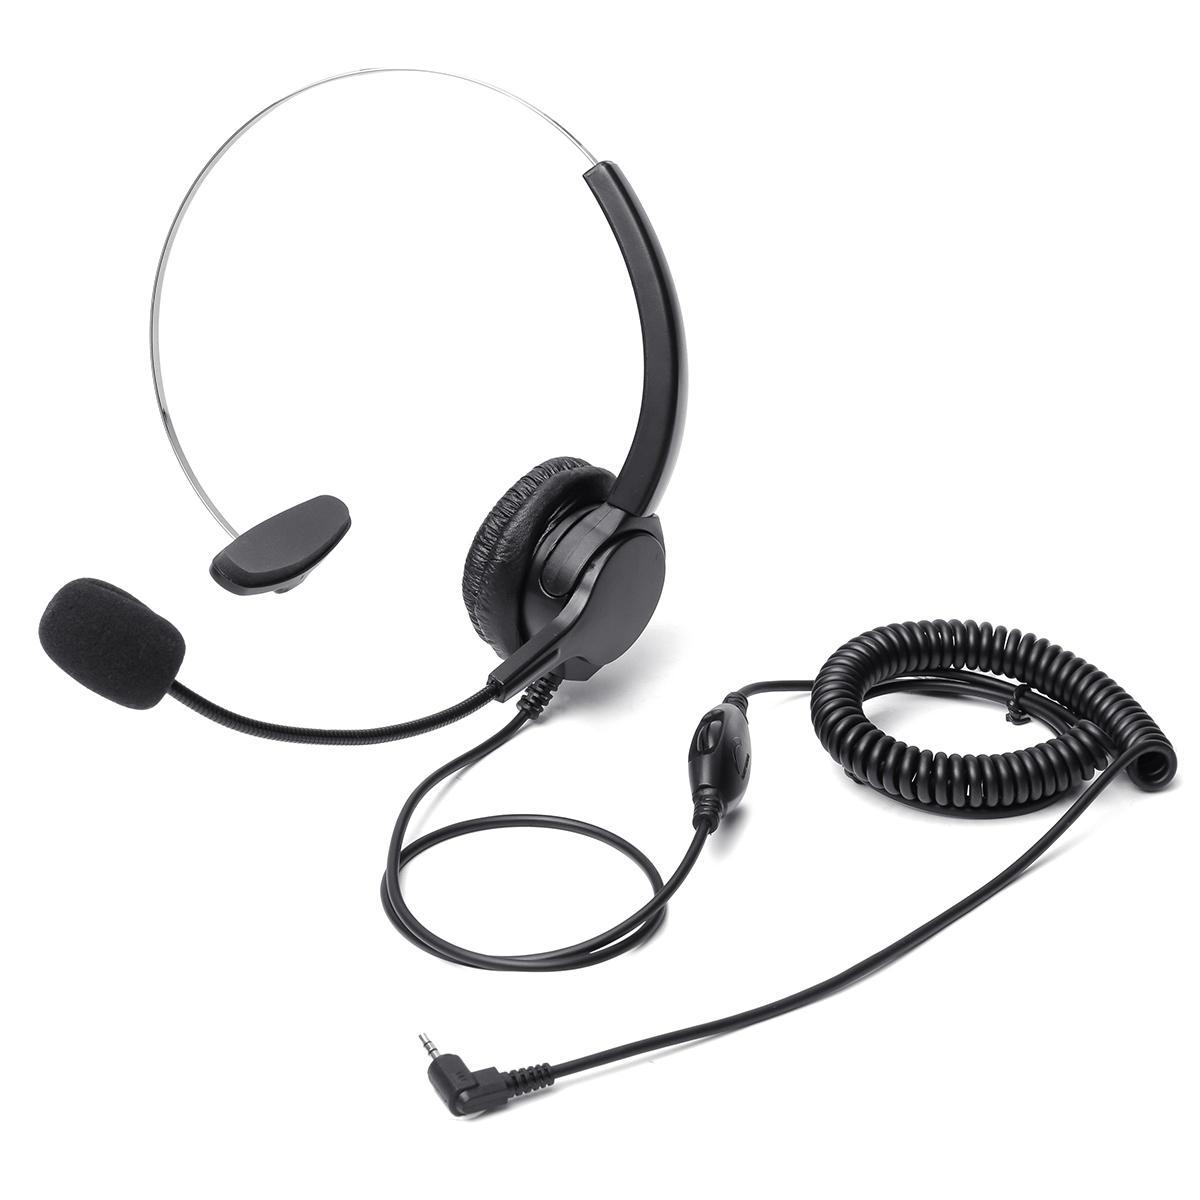 Монофоническая телефонная гарнитура Наушник с 2,5-мм штепсельной вилкой Hands-Free с шумоподавлением